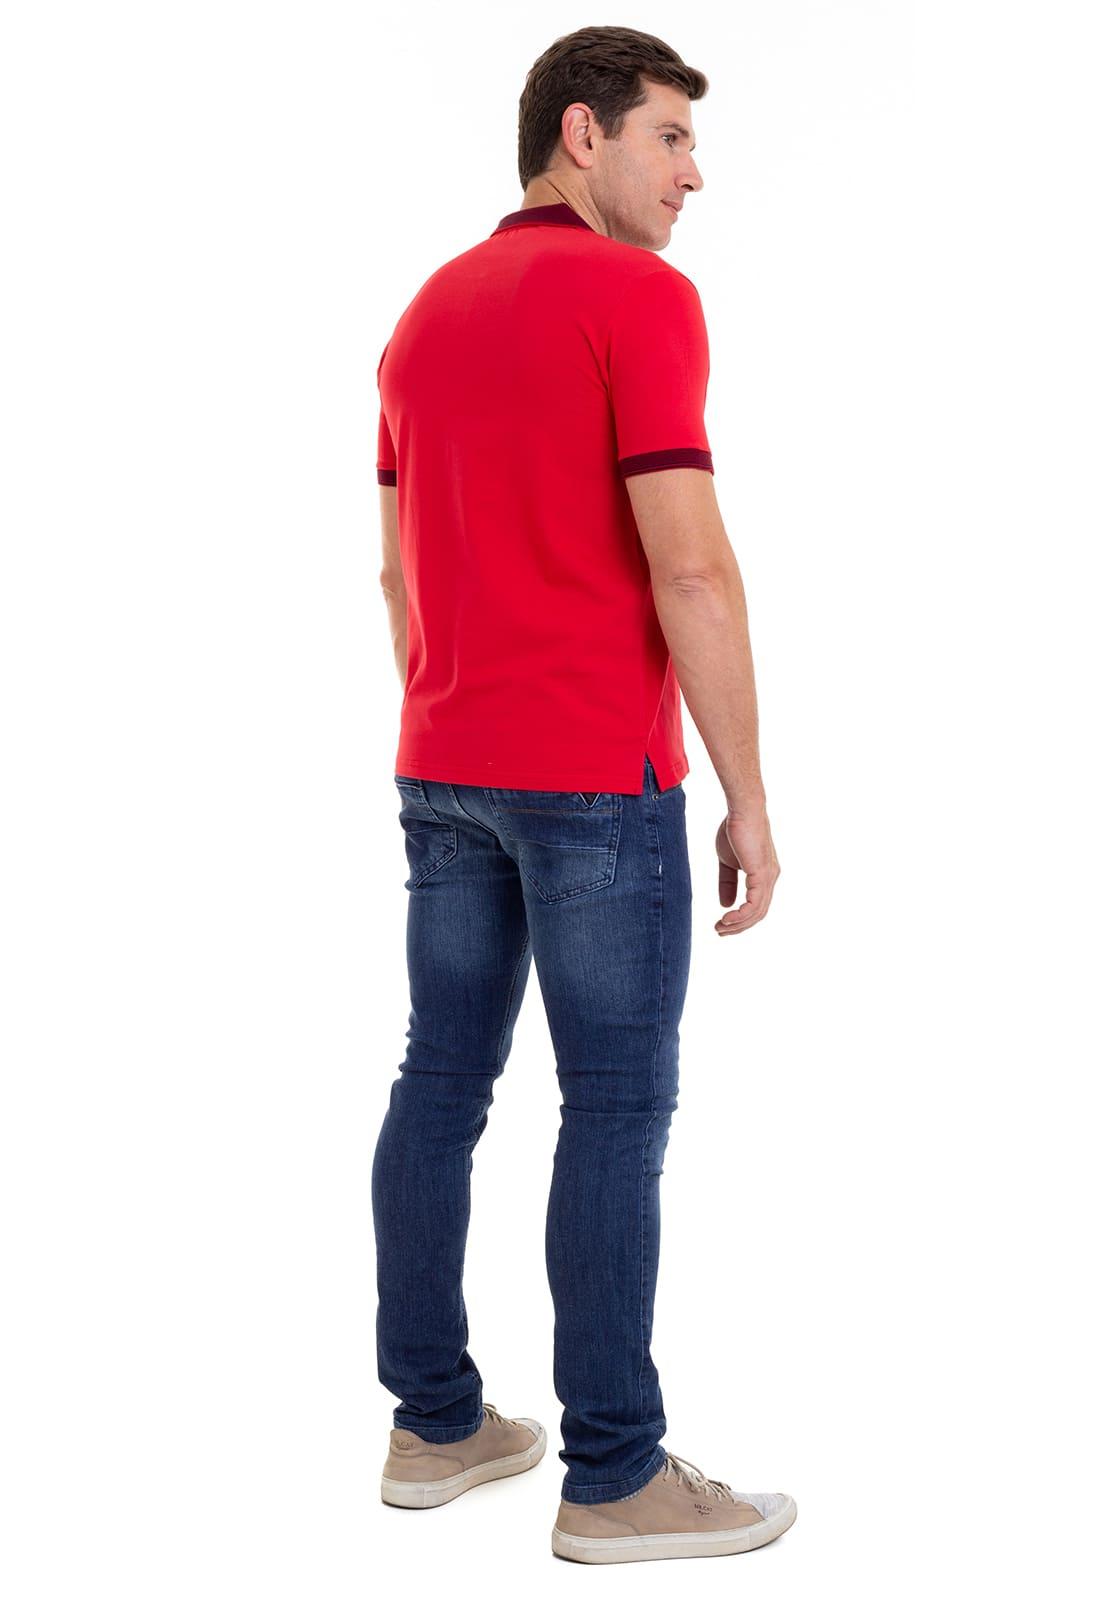 Camiseta Polo  Hifen em Malha Premium